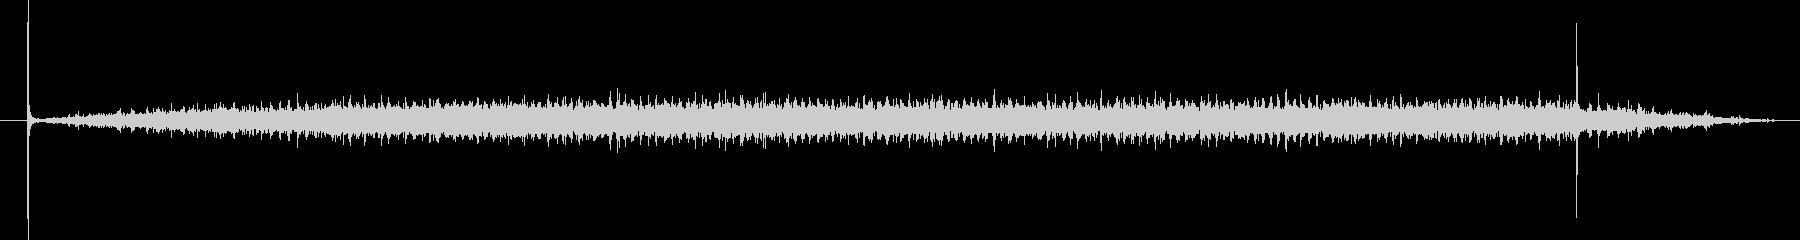 映写機の音の未再生の波形